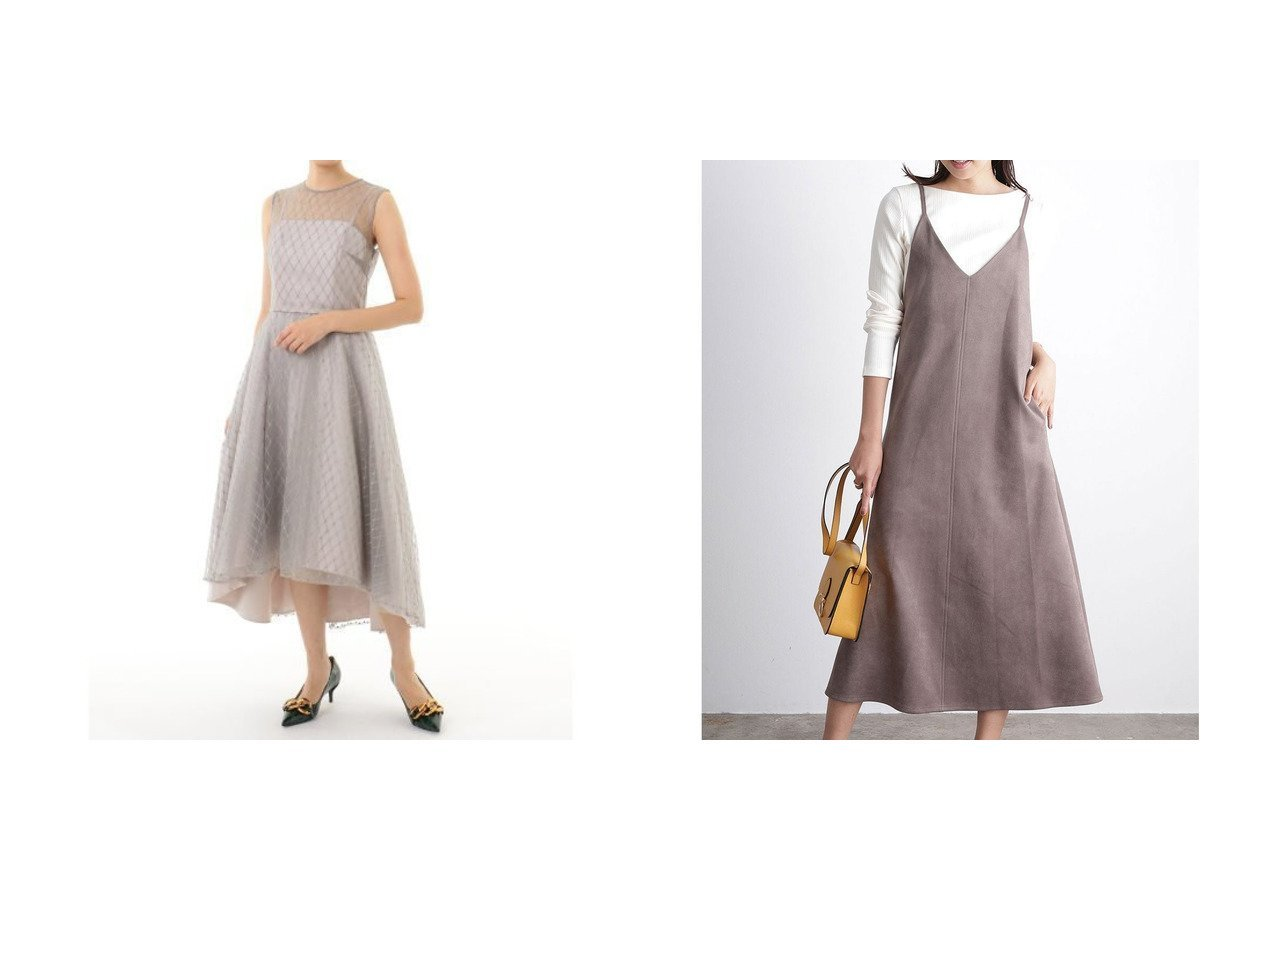 【VIS/ビス】の【パウダータッチエコスエード】キャミワンピース&【GRACE CONTINENTAL/グレース コンチネンタル】のメッシュチュール刺繍ドレス ワンピース・ドレスのおすすめ!人気、トレンド・レディースファッションの通販 おすすめで人気の流行・トレンド、ファッションの通販商品 メンズファッション・キッズファッション・インテリア・家具・レディースファッション・服の通販 founy(ファニー) https://founy.com/ ファッション Fashion レディースファッション WOMEN ワンピース Dress ドレス Party Dresses キャミワンピース No Sleeve Dresses ドレス フォーマル 2020年 2020 2020-2021 秋冬 A/W AW Autumn/Winter / FW Fall-Winter 2020-2021 A/W 秋冬 AW Autumn/Winter / FW Fall-Winter カッティング カットソー キャミソール キャミワンピース スエード トレンド 洗える |ID:crp329100000016430